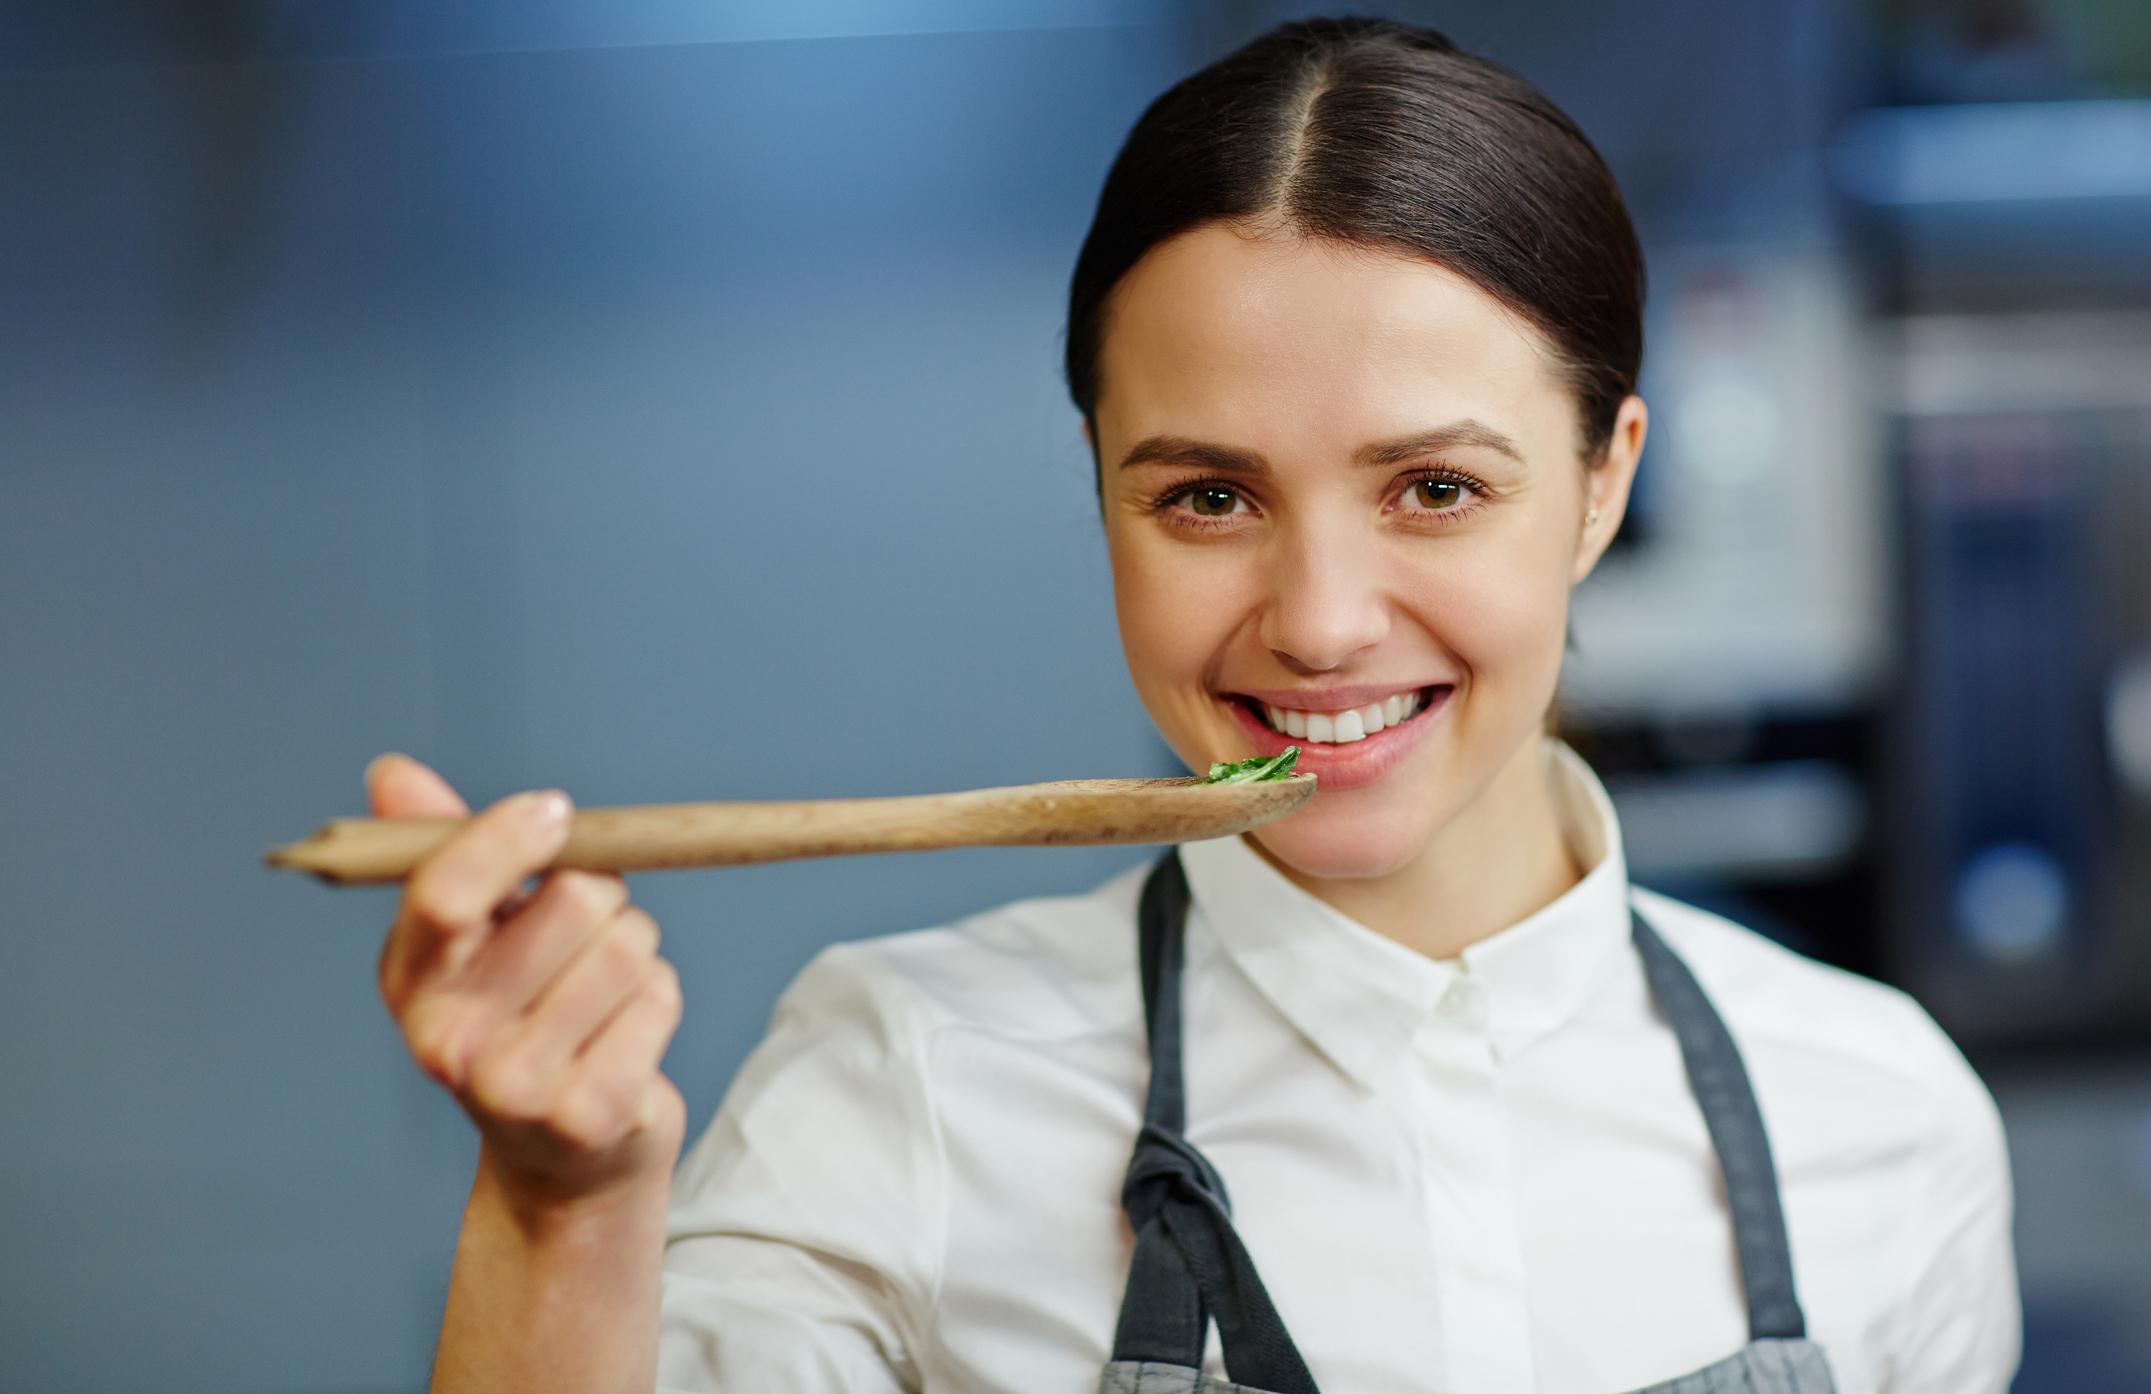 Matlagningskurser för barn och vuxna